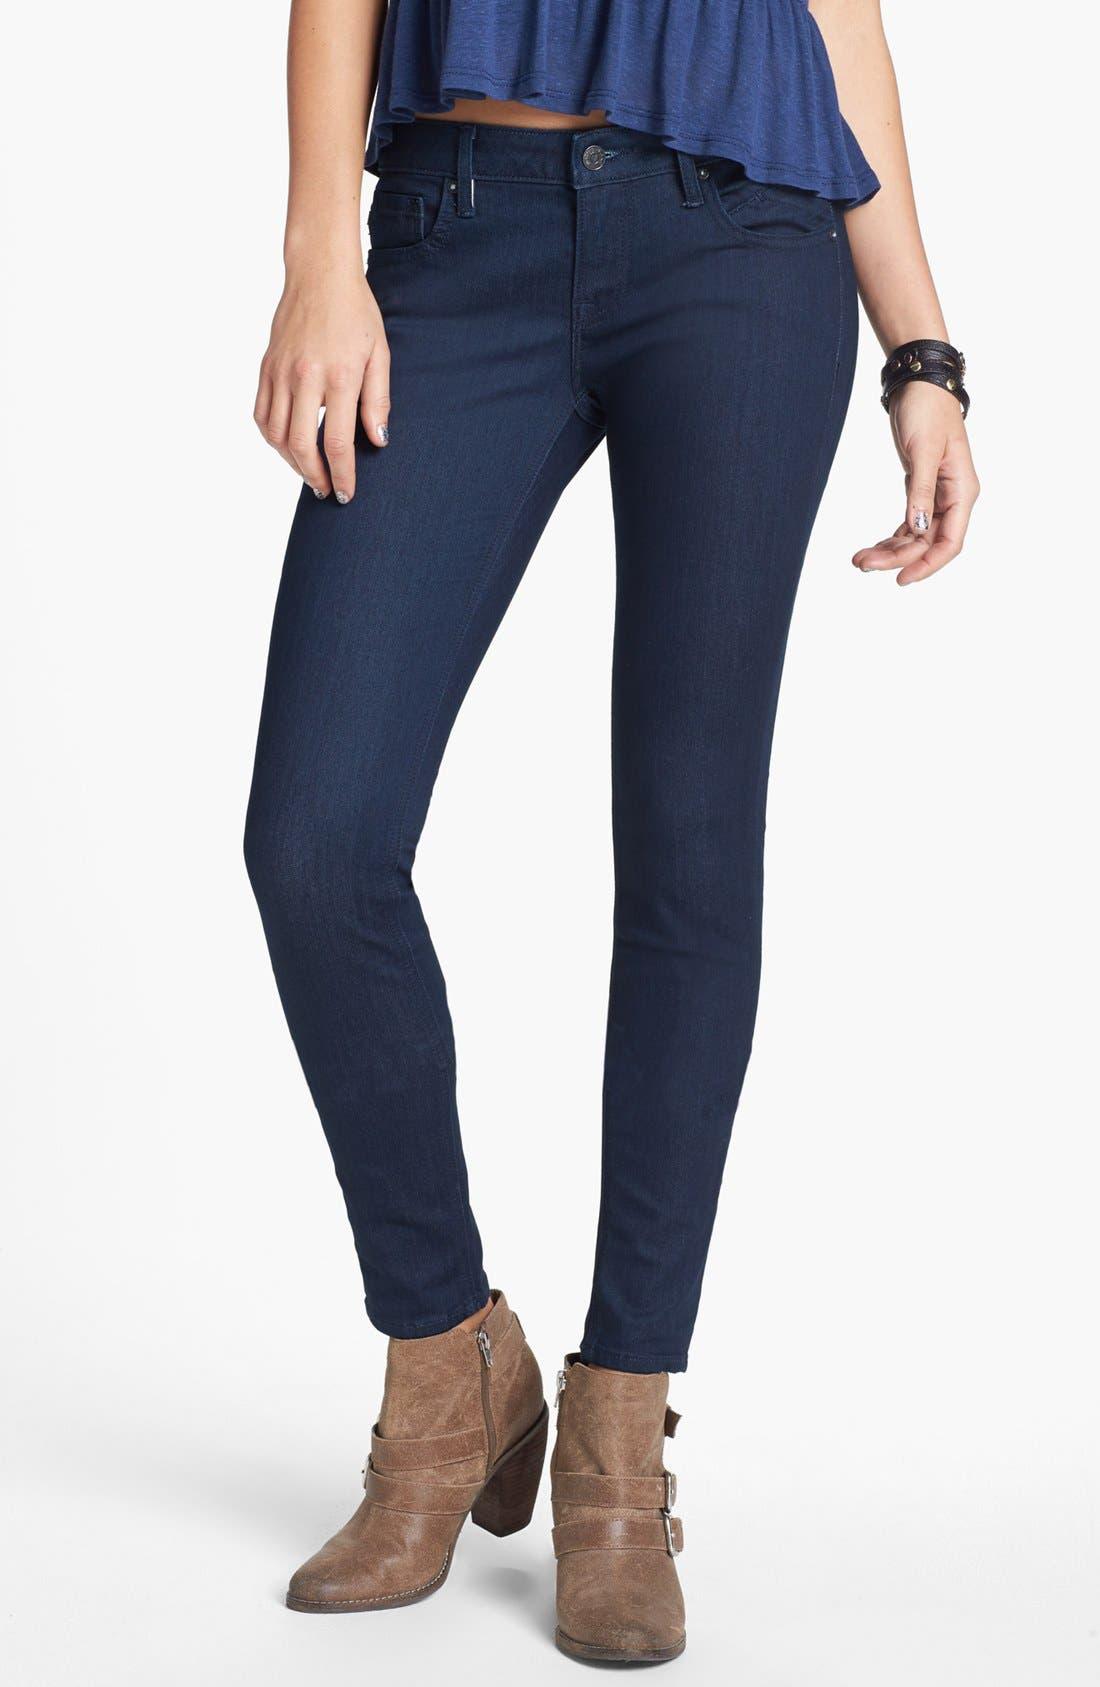 Alternate Image 1 Selected - Vigoss 'Chelsea' V Pocket Skinny Jeans (Dark Wash) (Juniors) (Online Only)